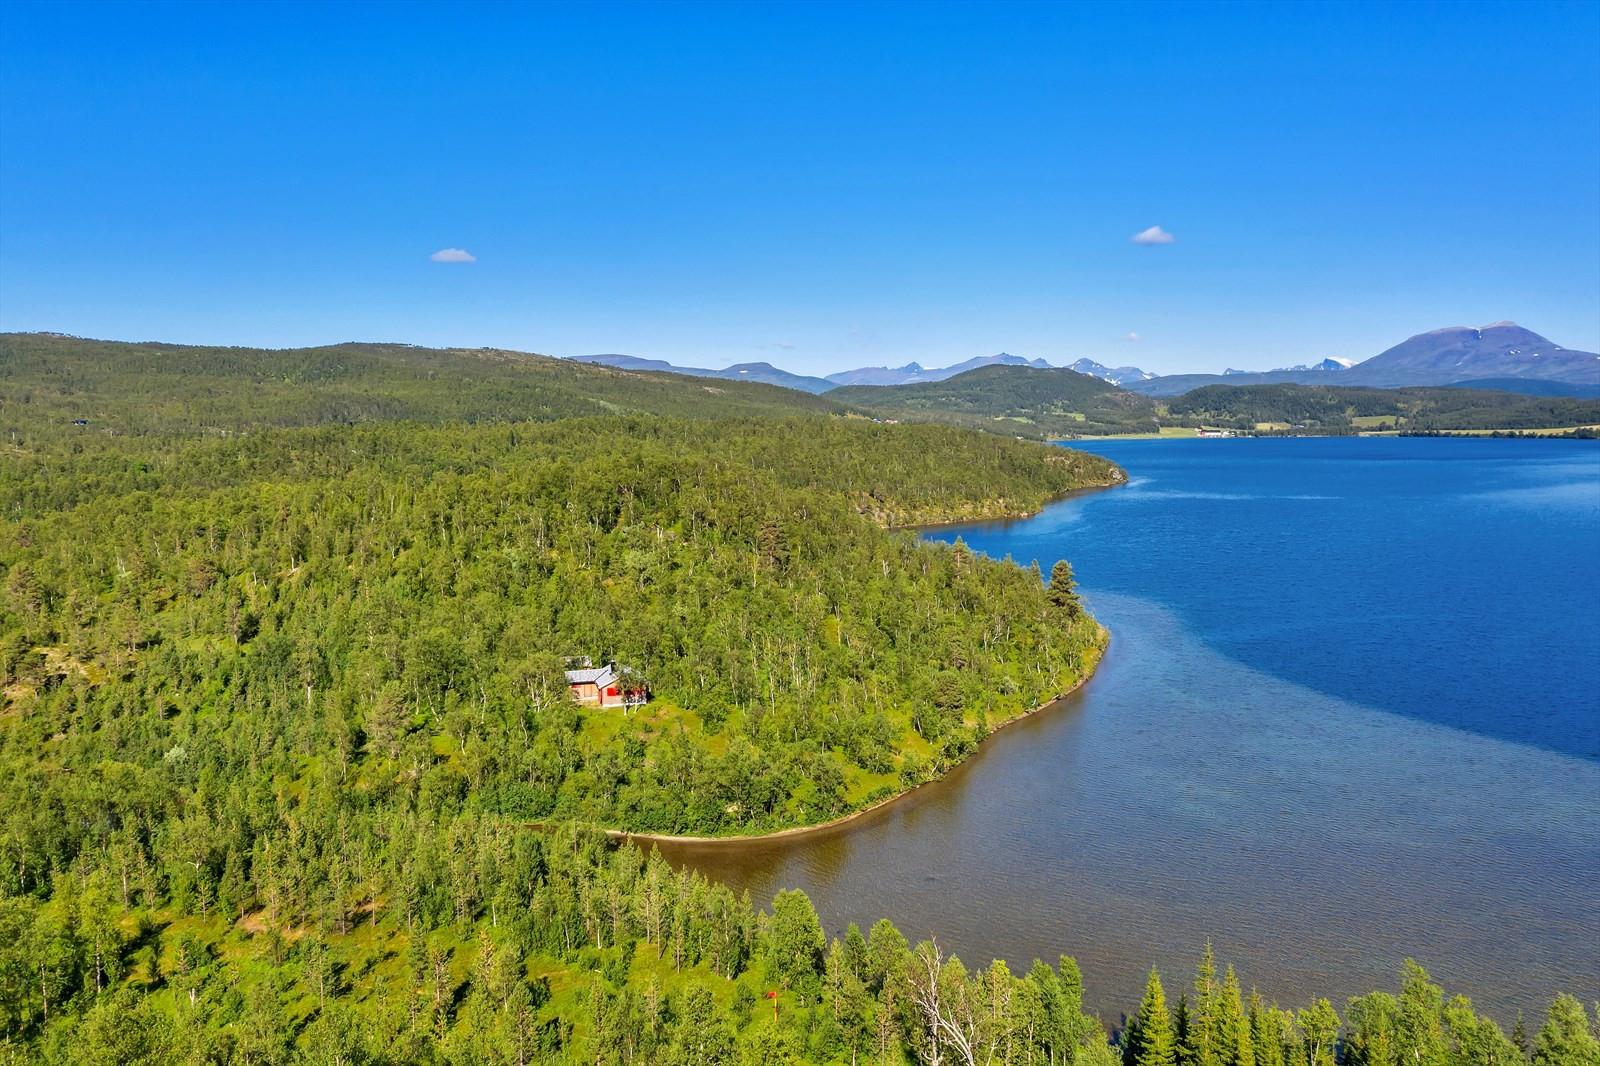 Oversiktsbilde - eiendommen ligger i sydenden av vannet med grense mot vannet og elva